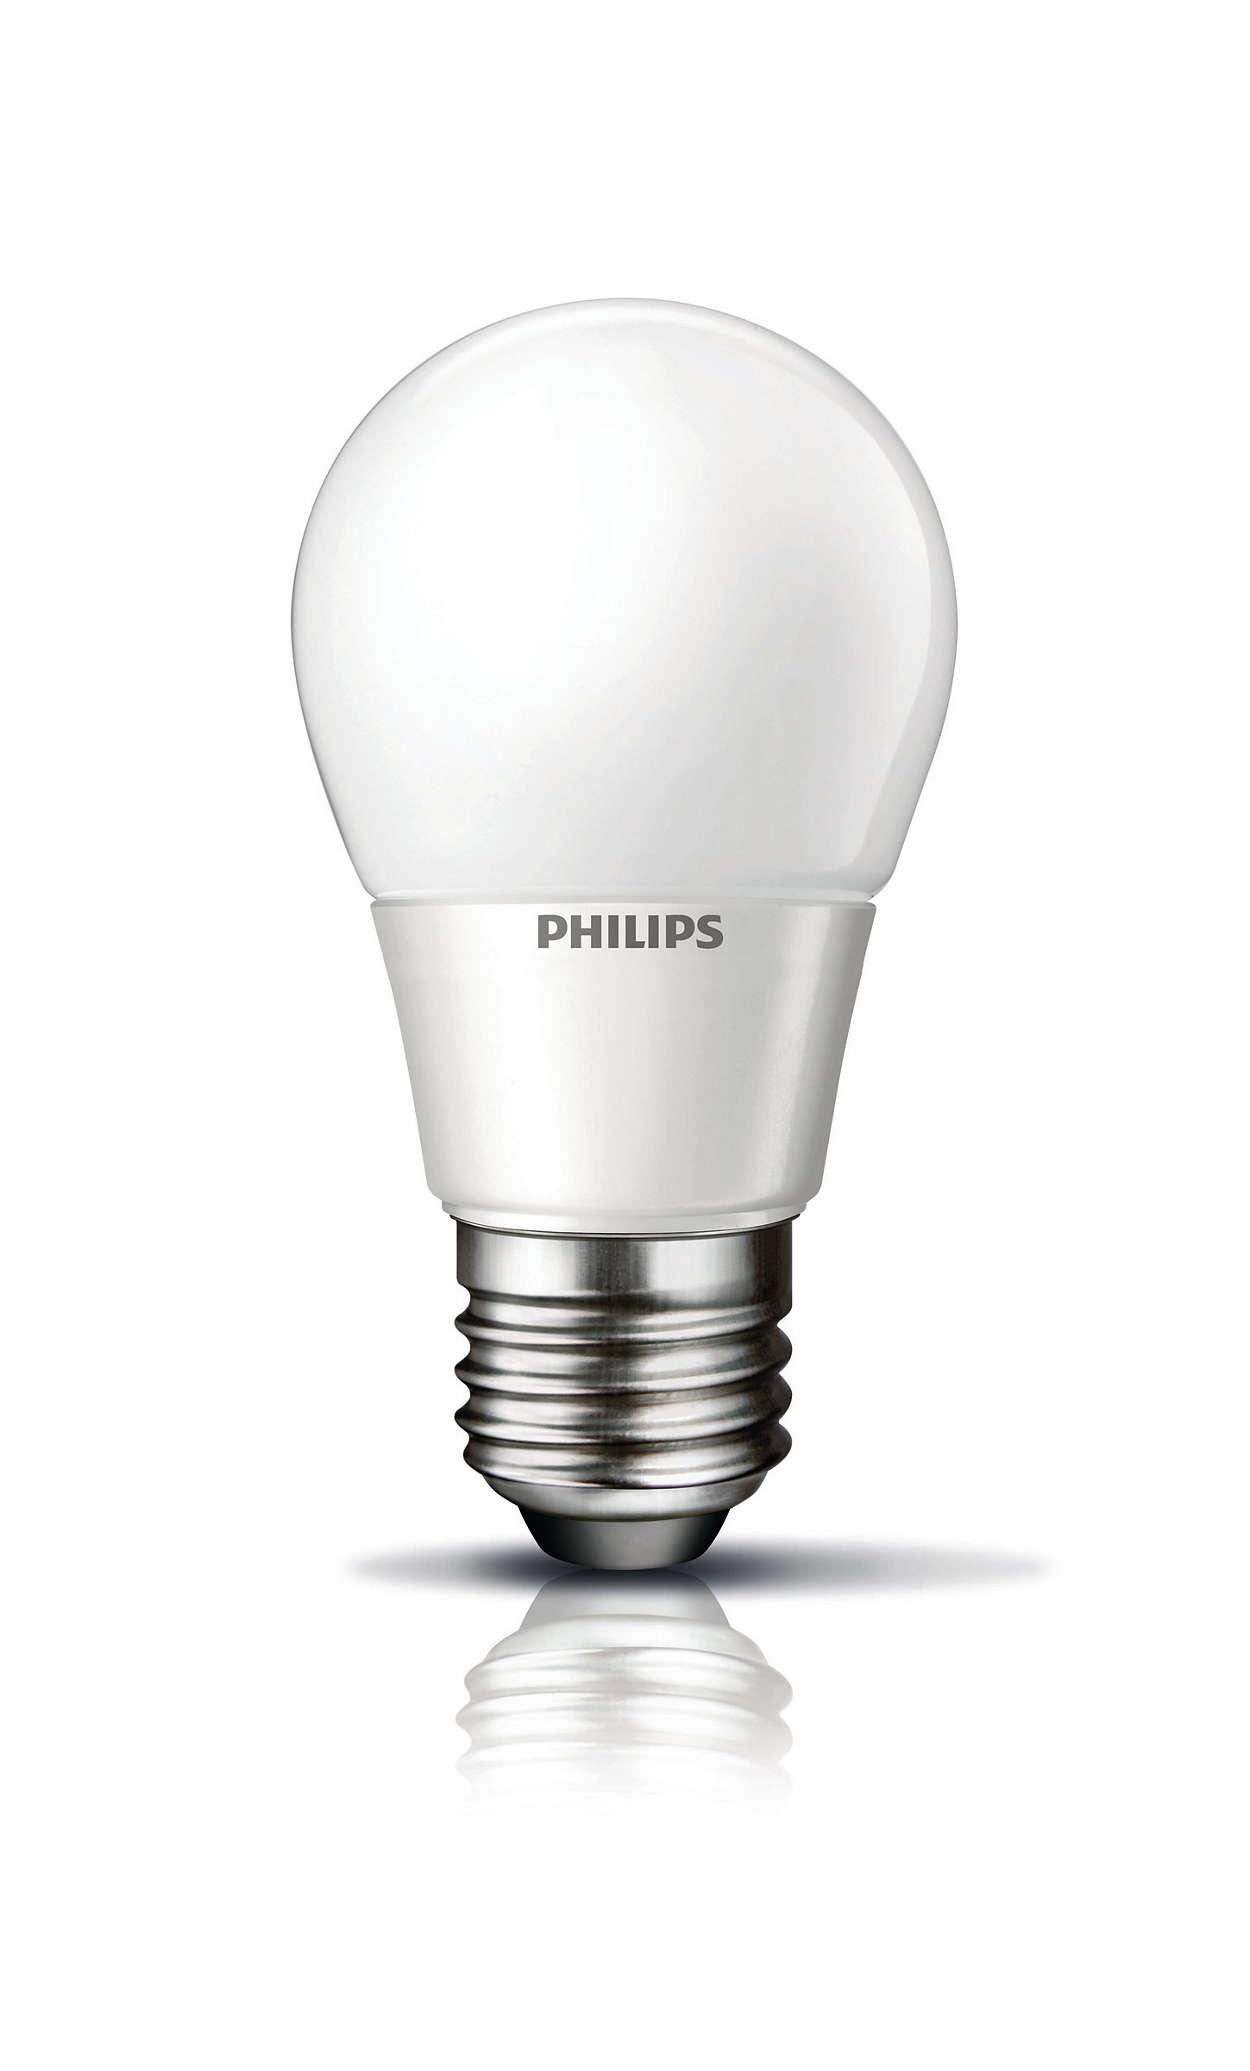 Illumina le zone buie della tua camera